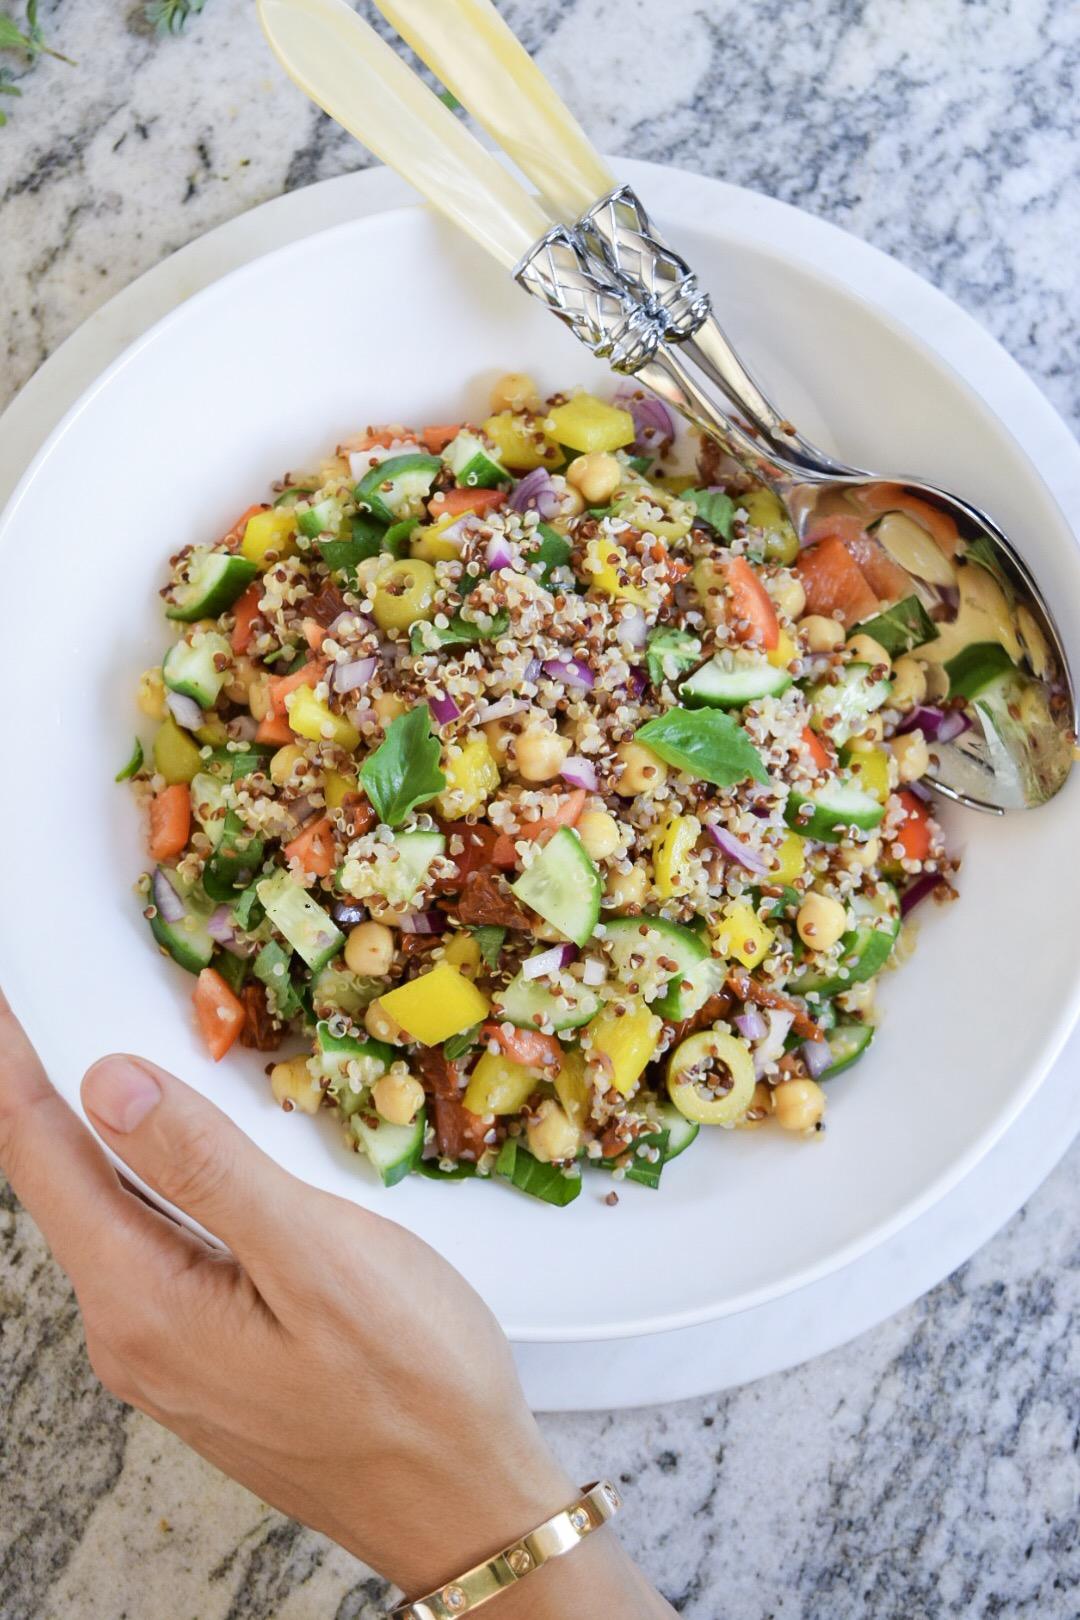 Dinner 3 - Med Quinoa Salad